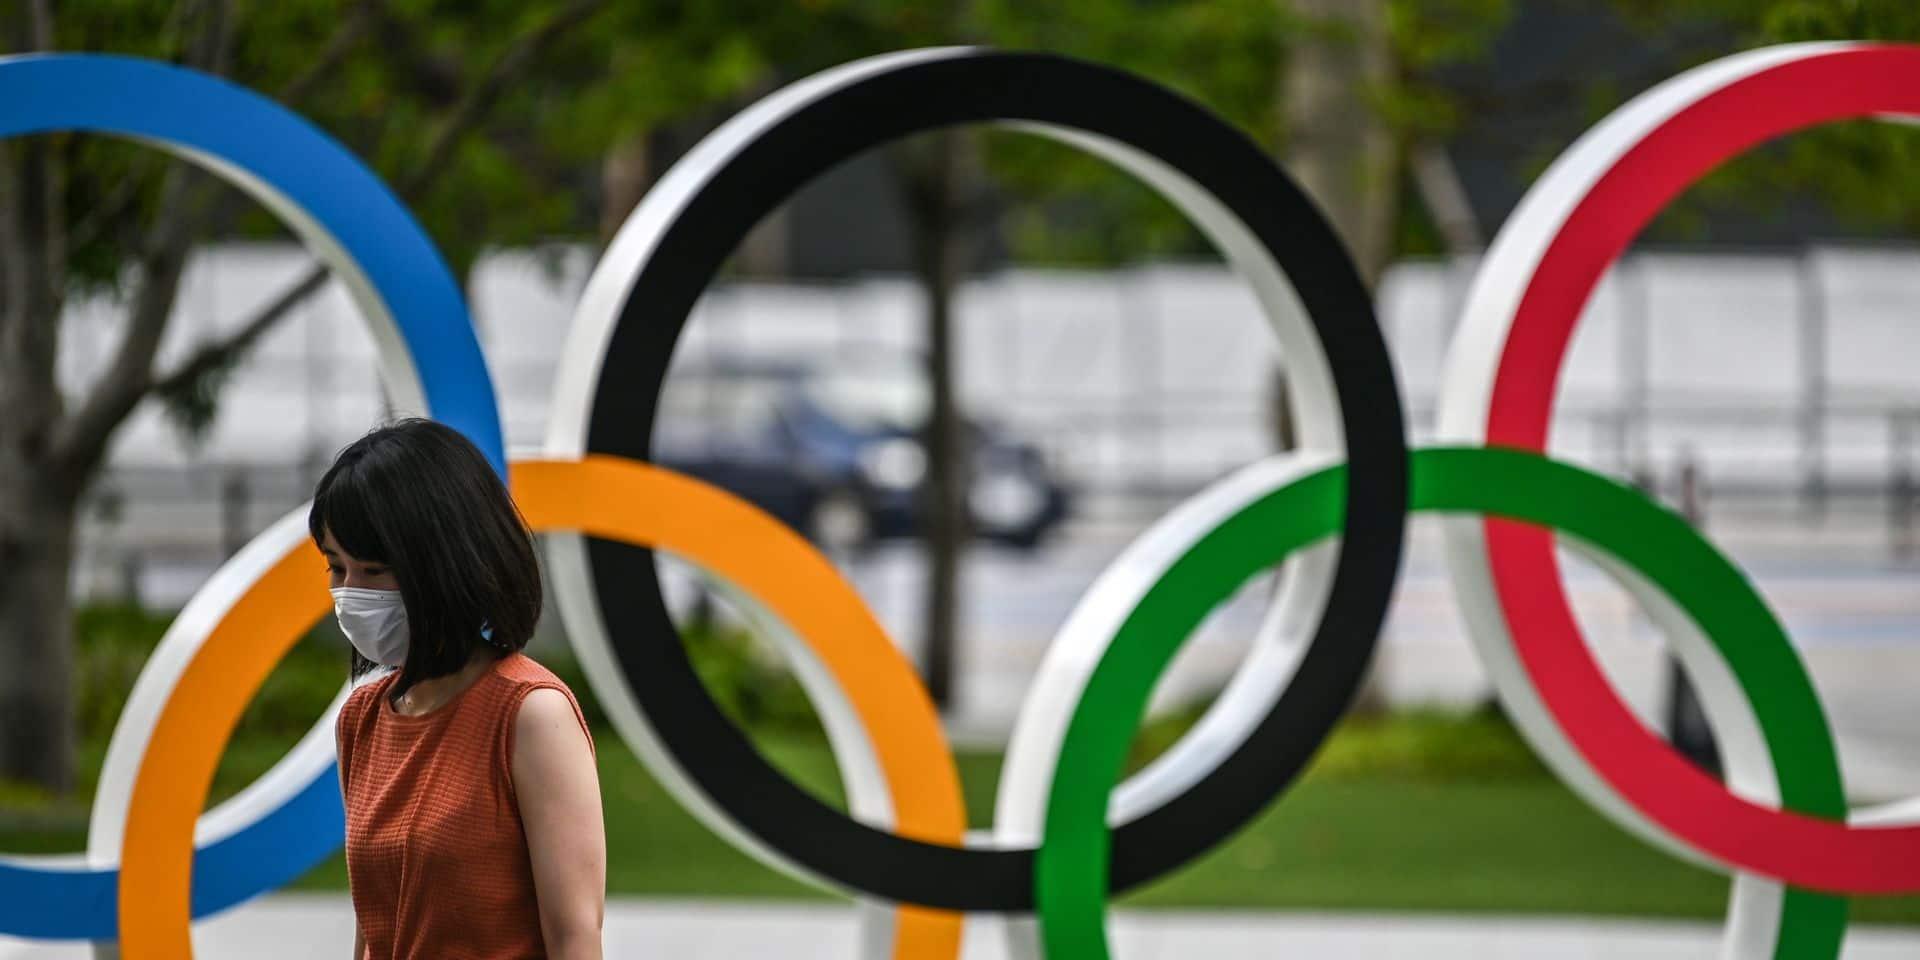 """Les défenseurs des droits humains demandent au CIO l'annulation des JO-2022 de Pékin: """"L'esprit olympique et la réputation des Jeux connaîtront des dommages"""""""